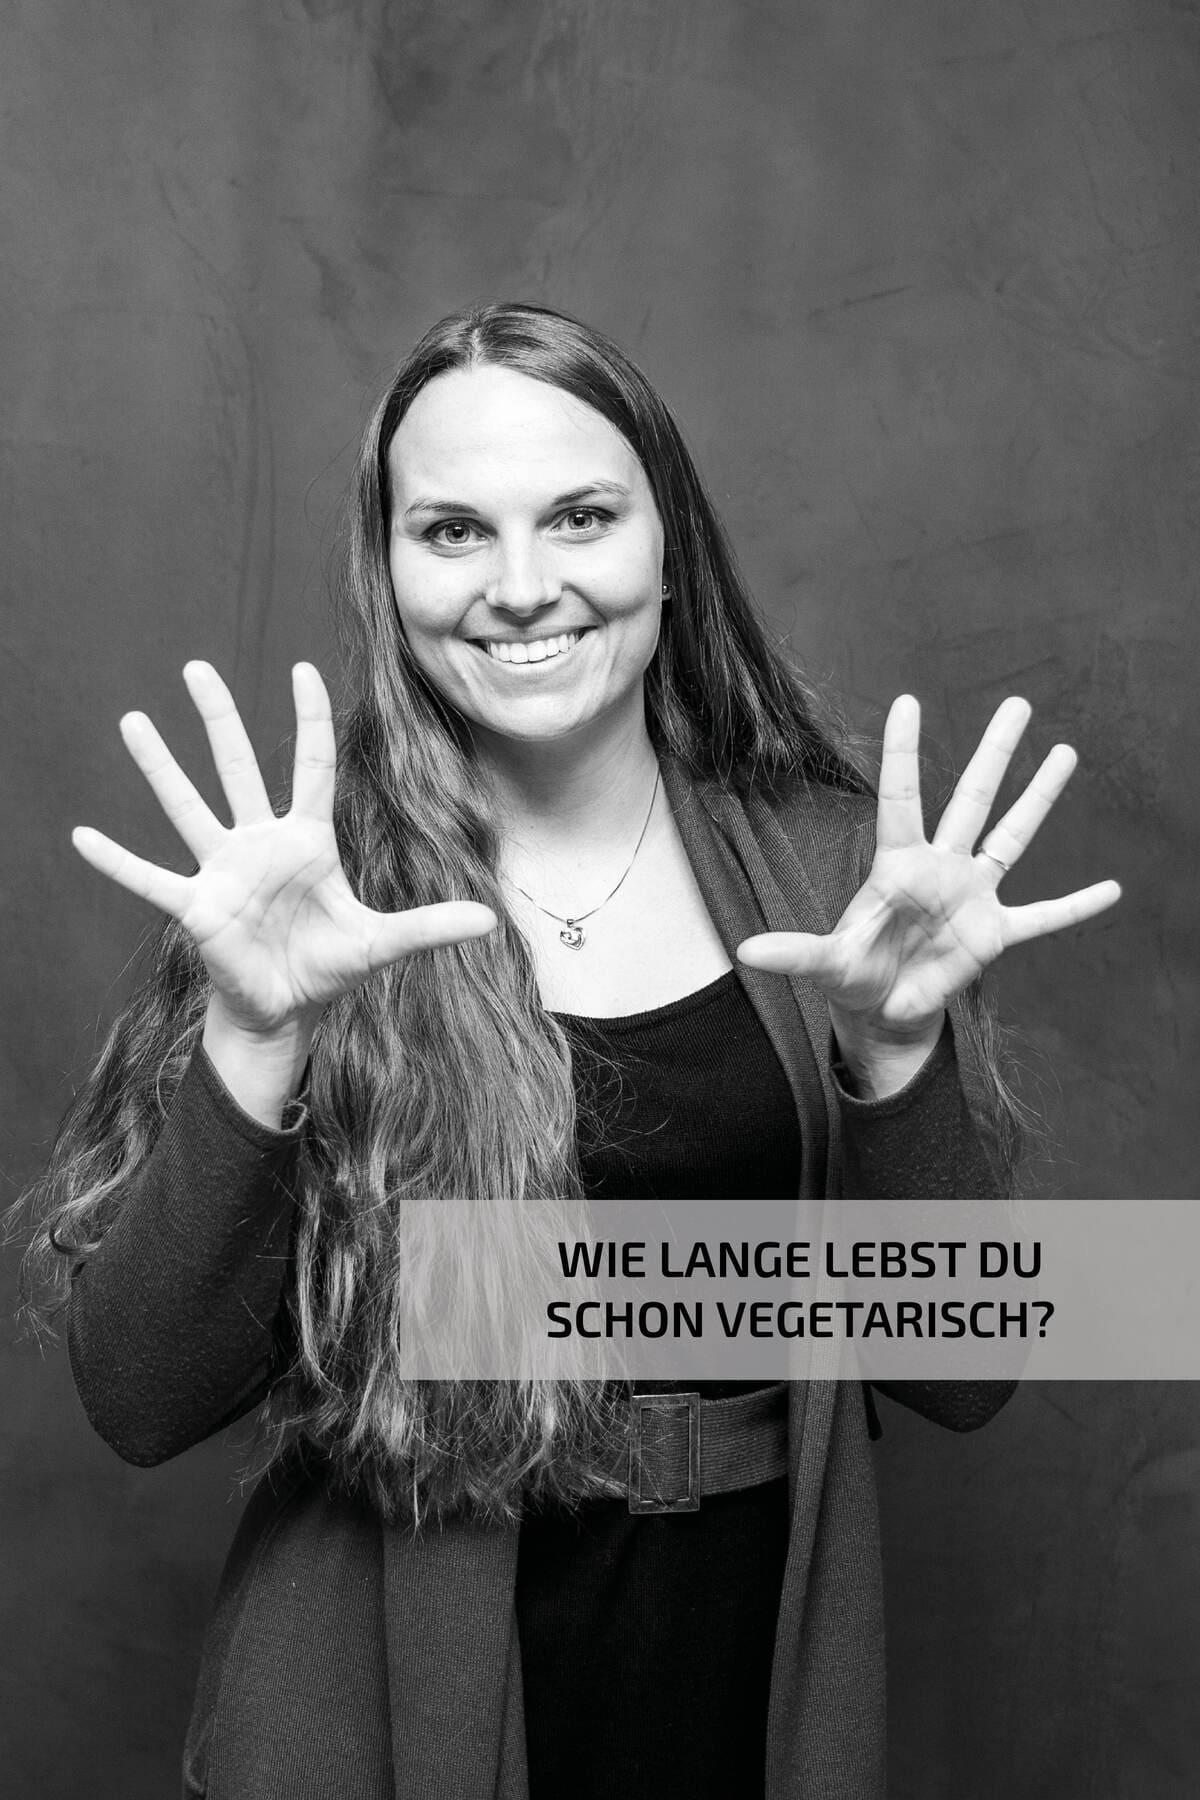 Umweltmanagement 6 - Janina Rötzer ohne Worte - Nutz GmbH